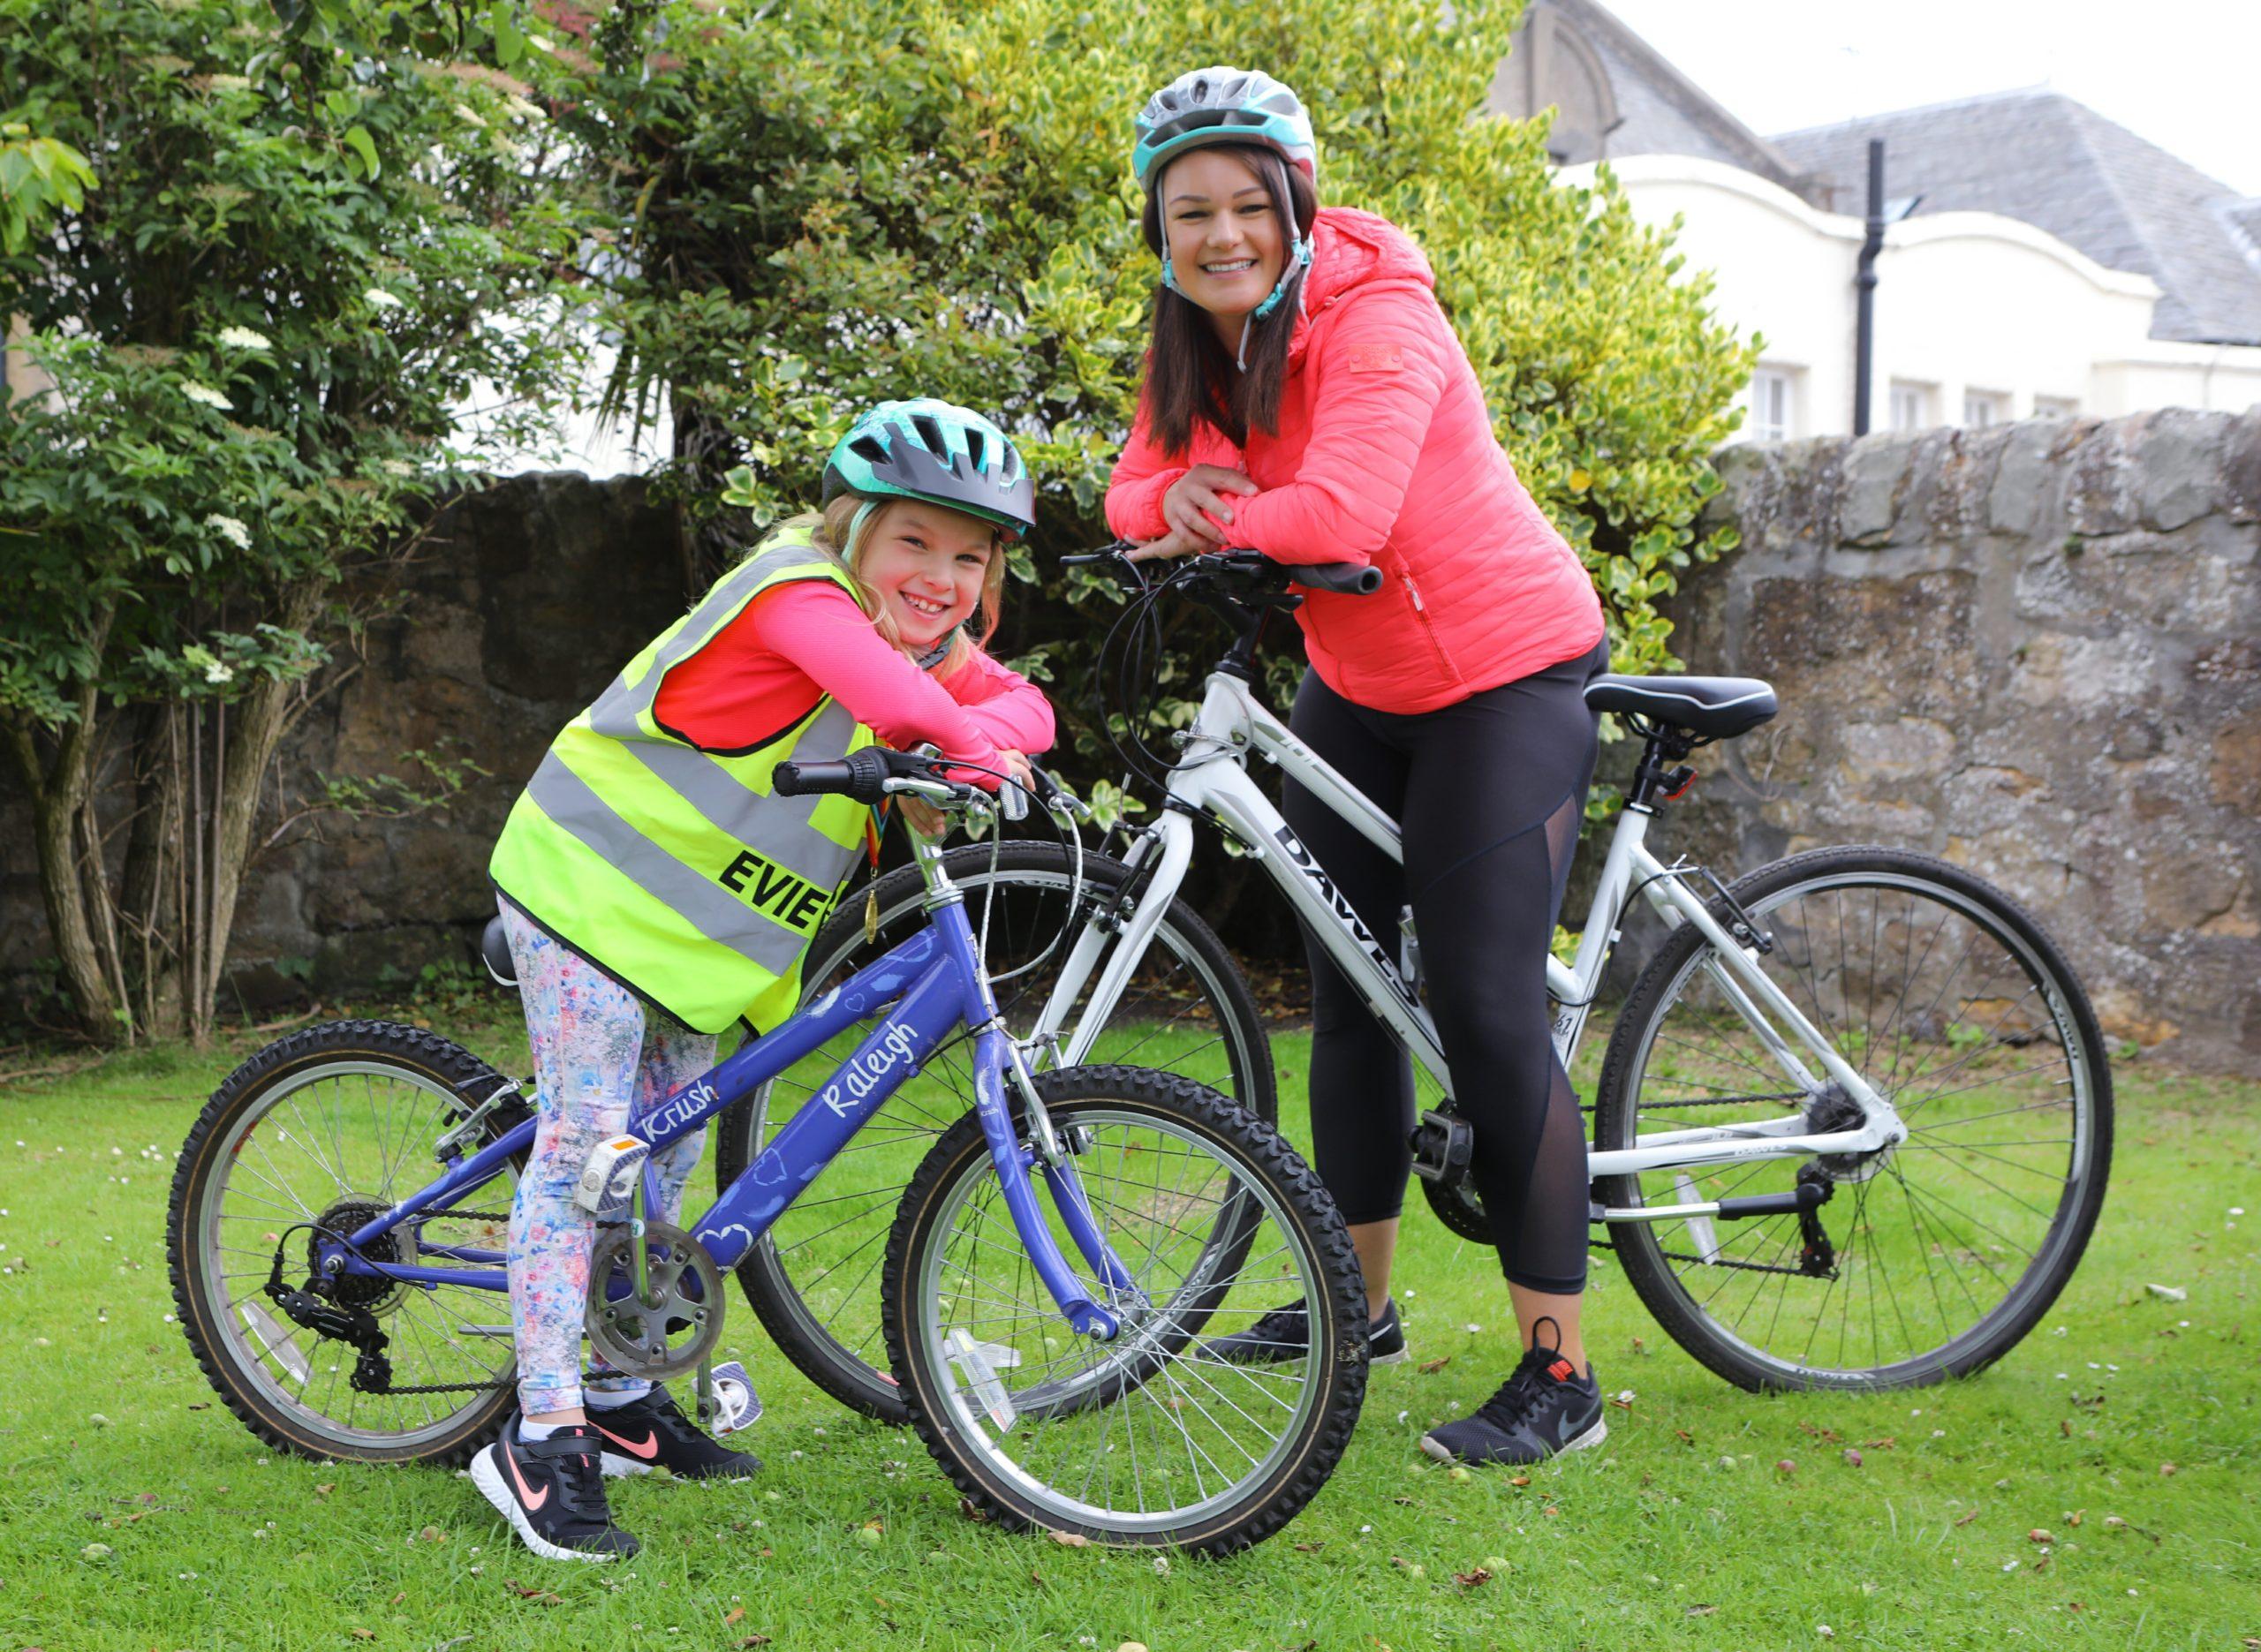 Evie Hughes and her mum Rachel celebrate raising £2,400 for three East Neuk charities.